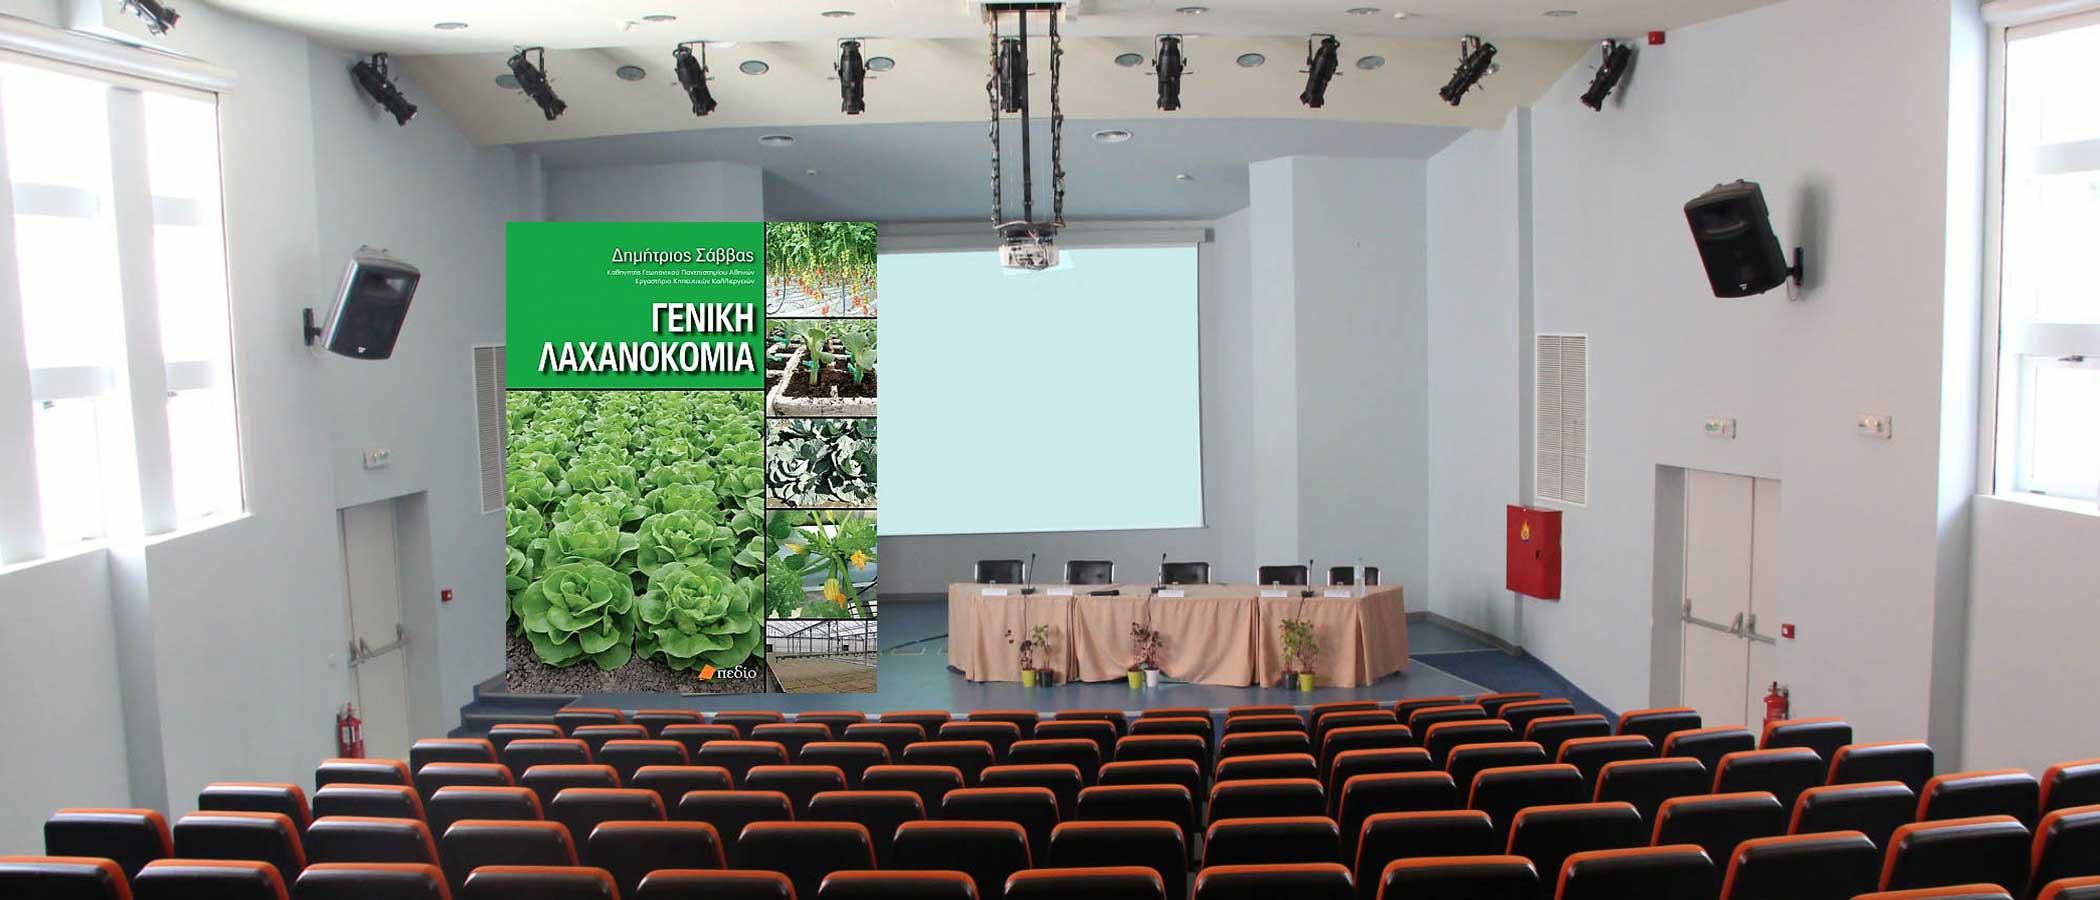 Παρουσίαση του νέου βιβλίου του Καθηγητή Δημήτρη Σάββα «Γενική Λαχανοκομία»